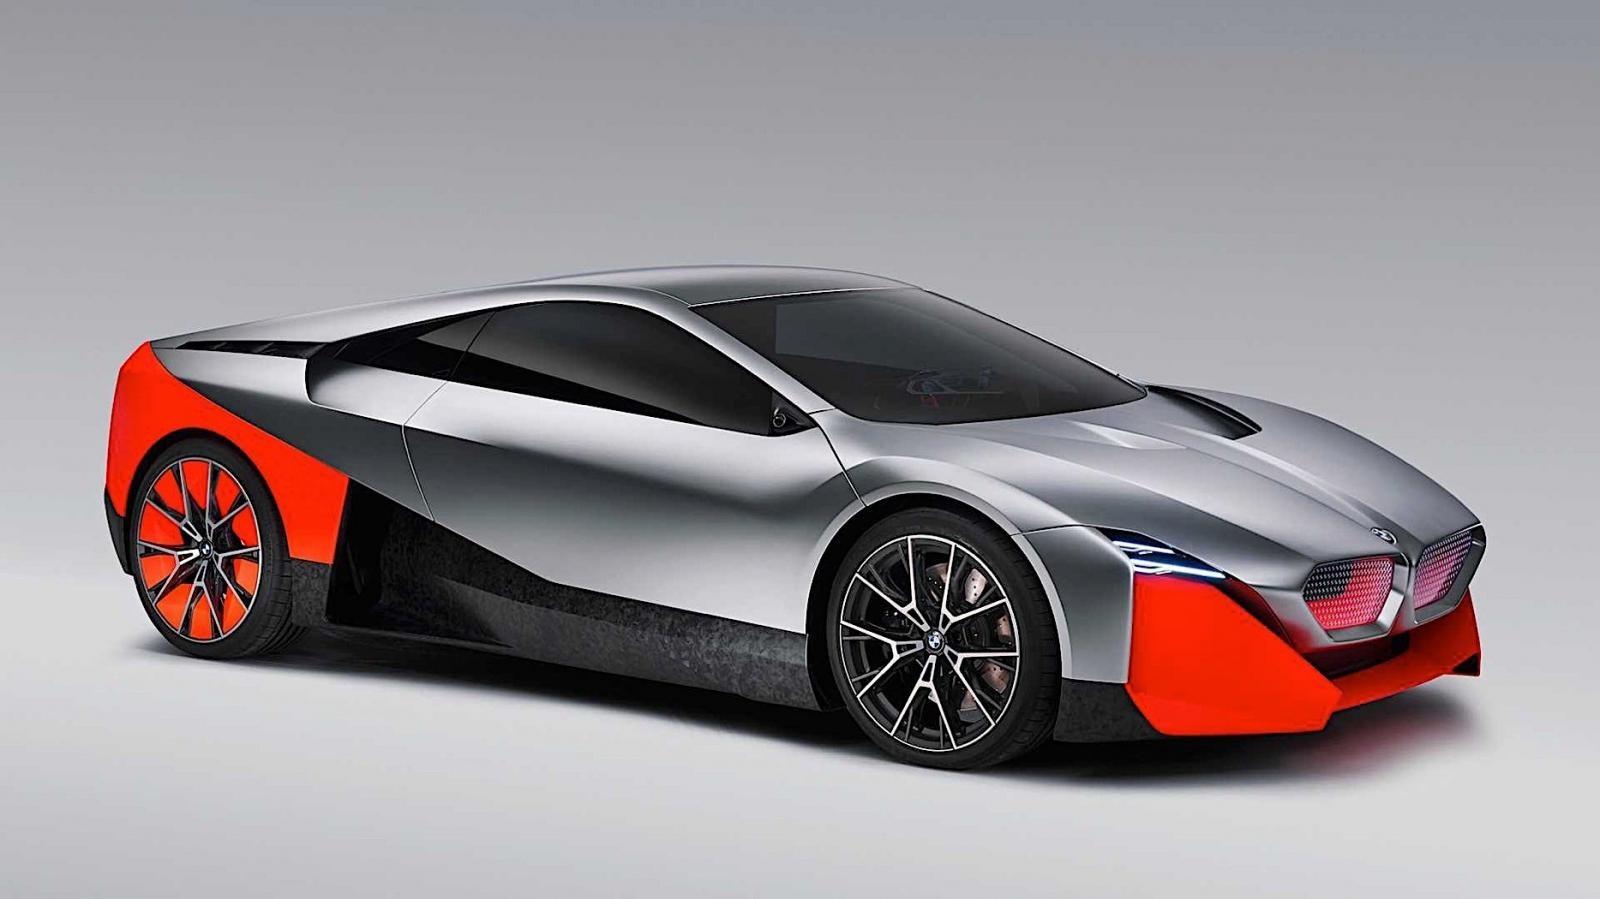 BMW Vision M NEXT là mẫu concept hybrid mới của nhà sản xuất xe Đức